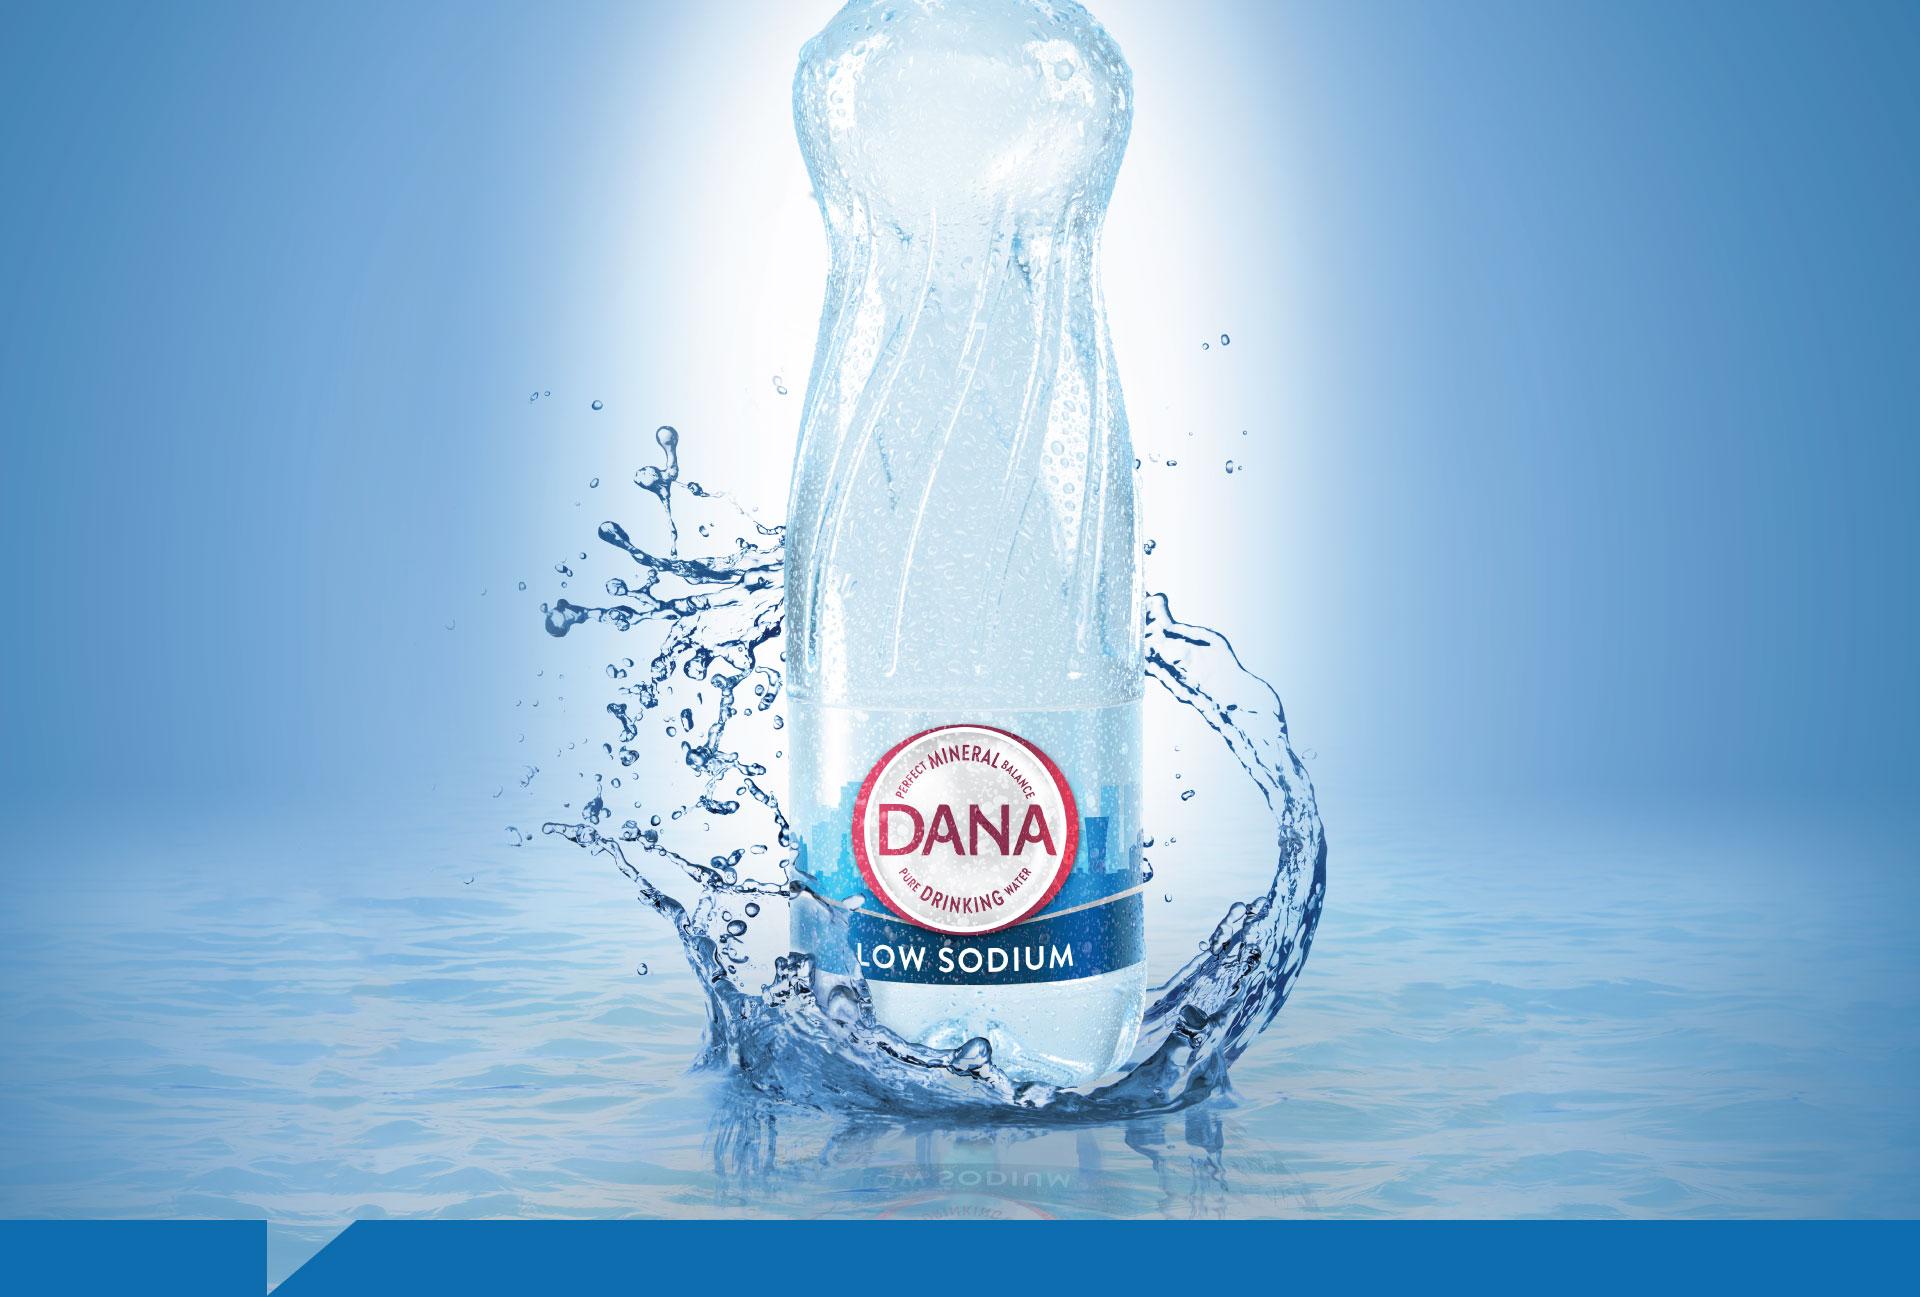 Dana - Packaging Design